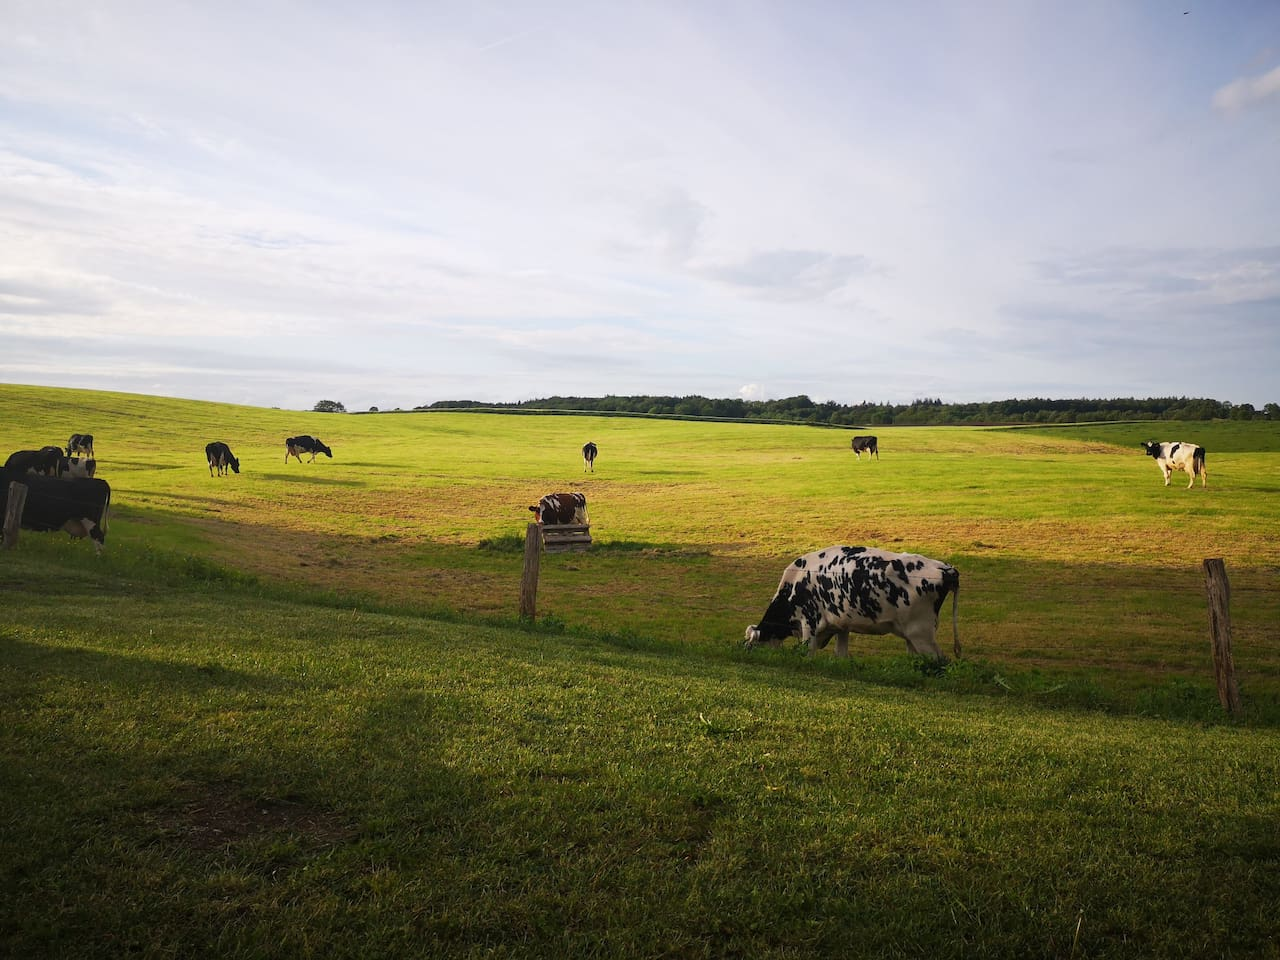 Mögliche Aussicht - Für die Anwesenheit der Kühe kann nicht garantiert werden.